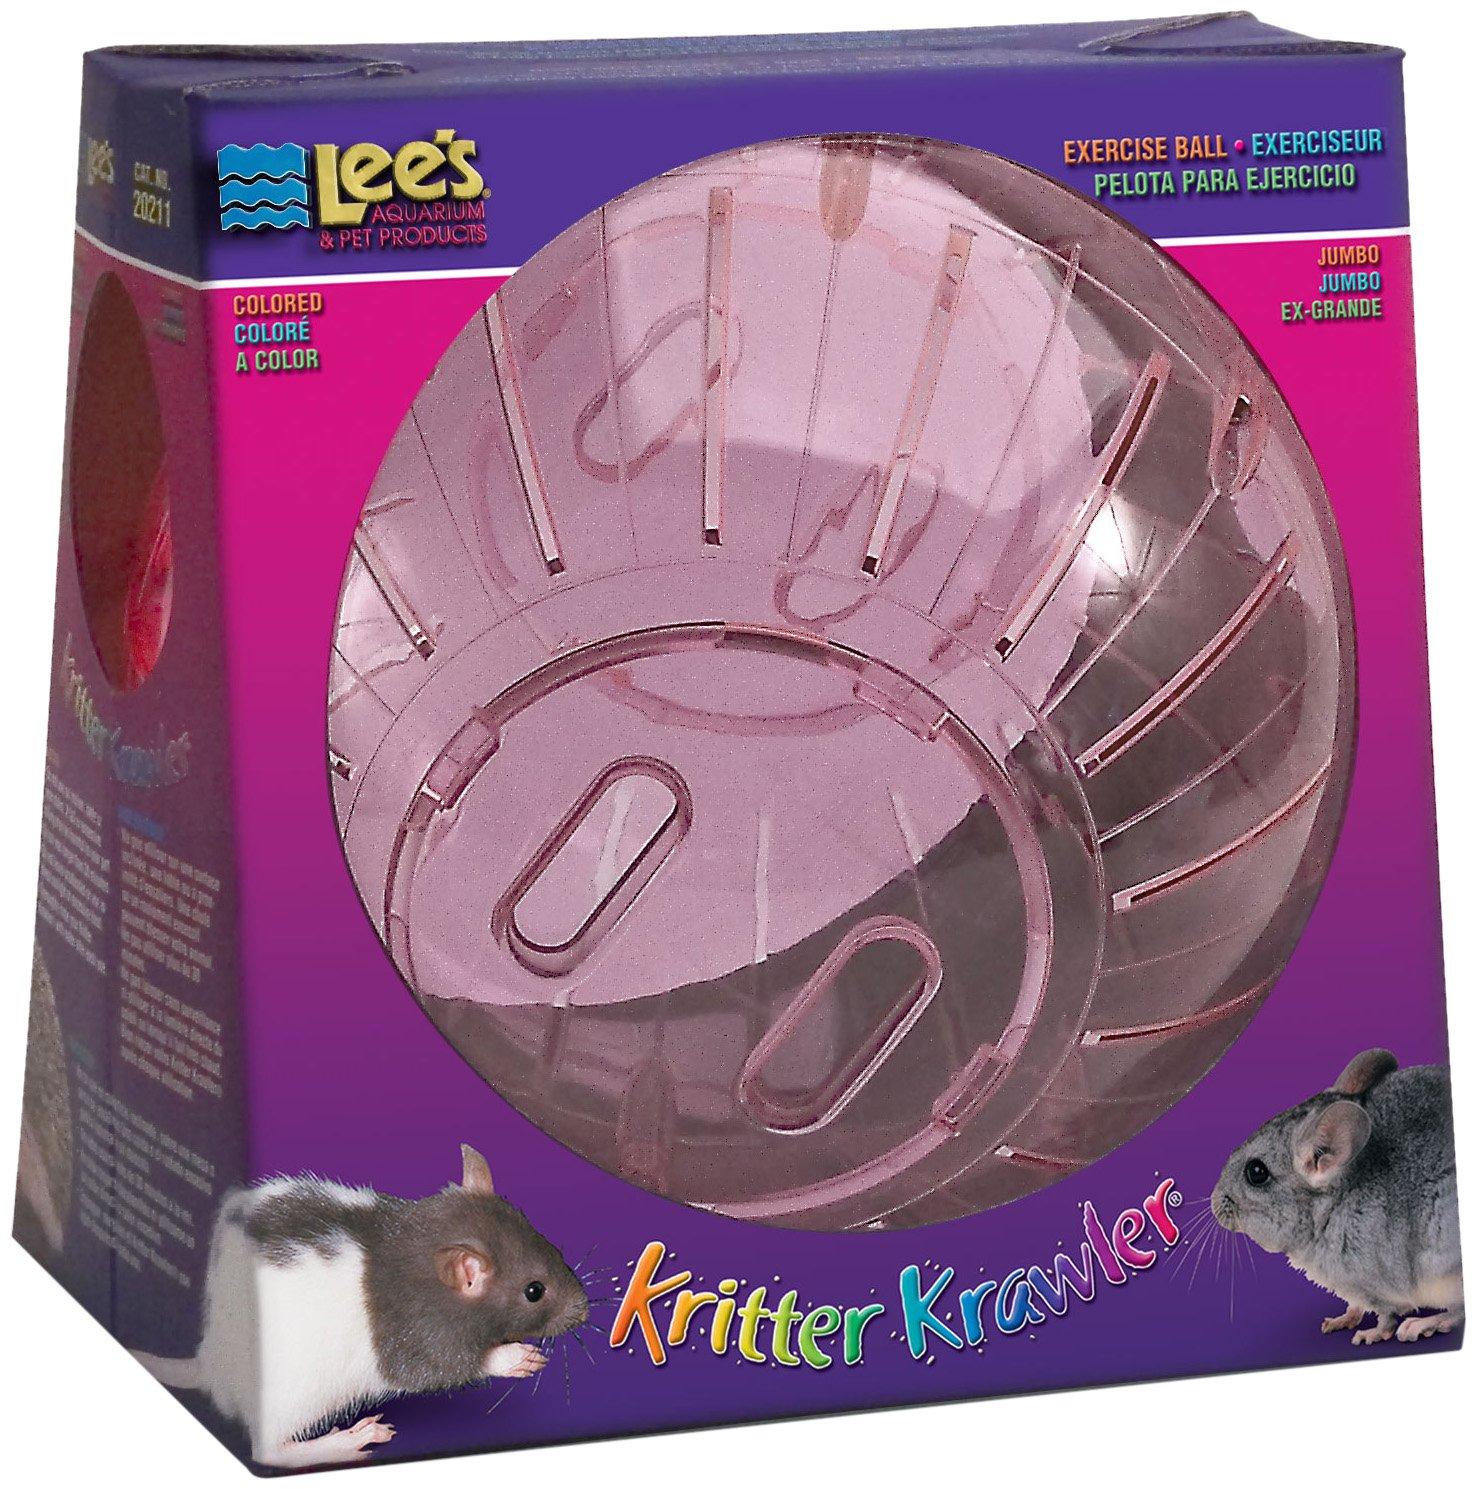 Lee's Kritter Krawler Jumbo Exercise Ball, 10-Inch, (Random colors)